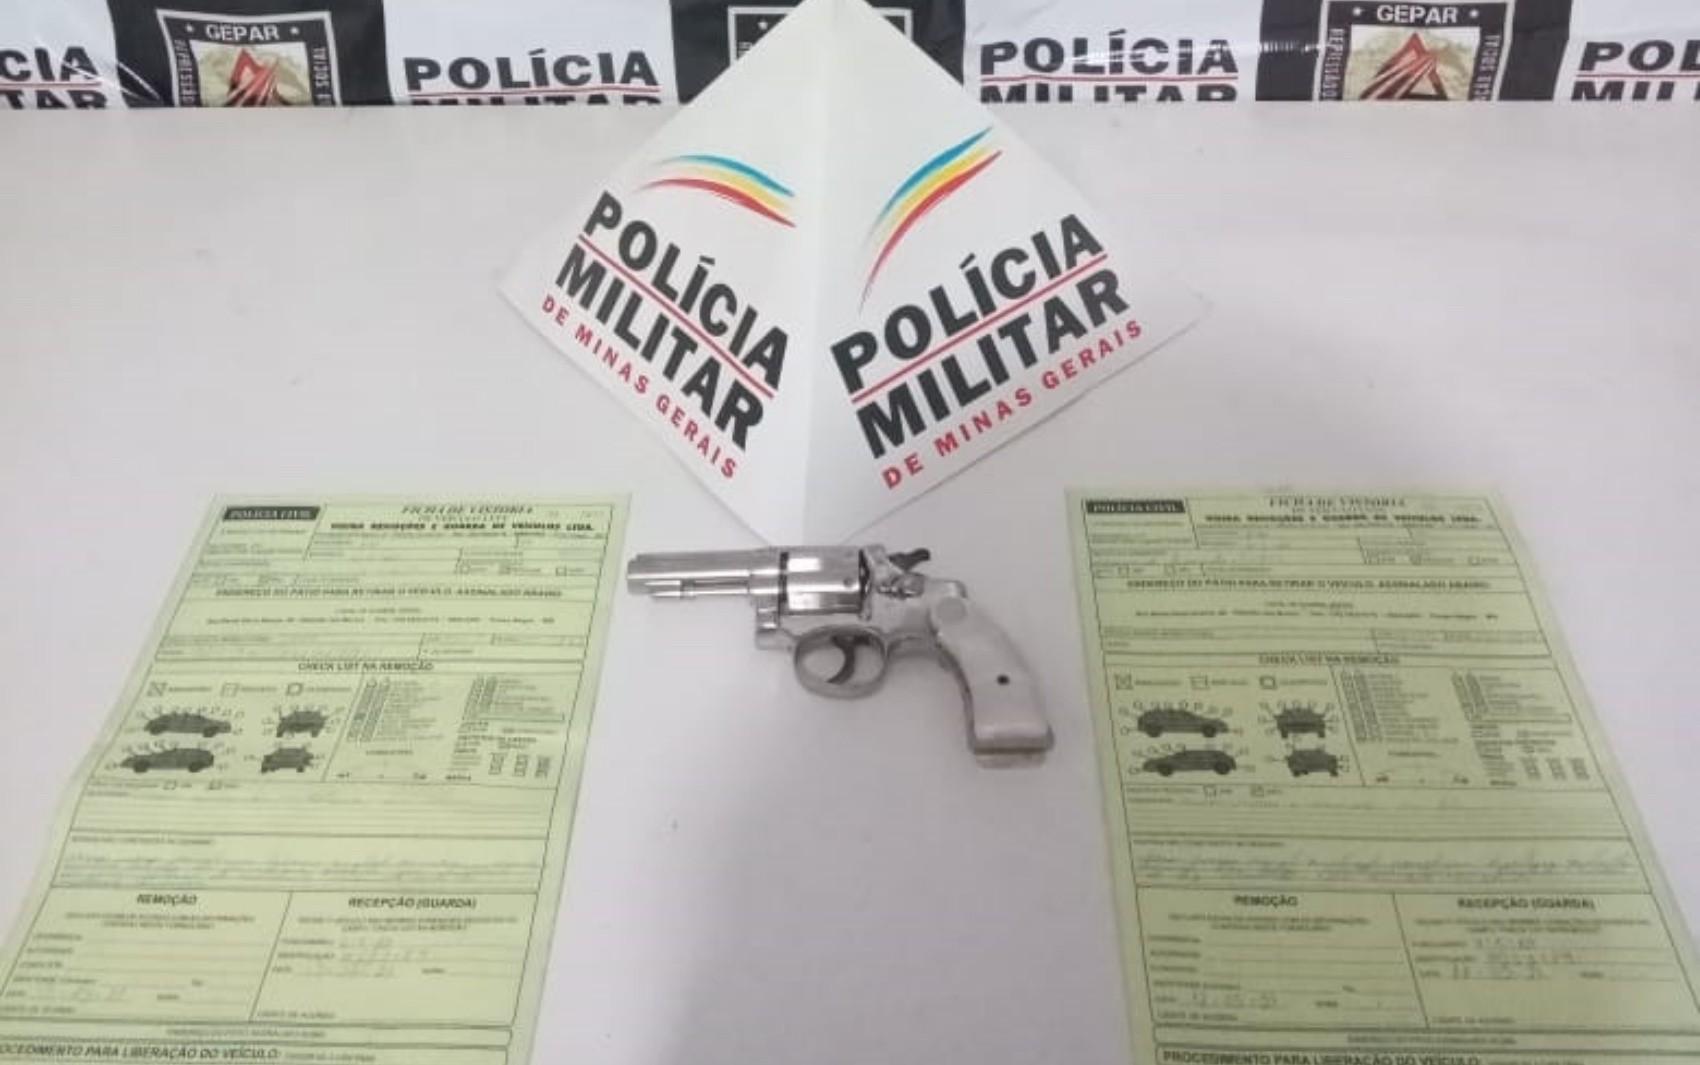 Adolescente suspeito de participar de assalto a loja é apreendido em Pouso Alegre, MG